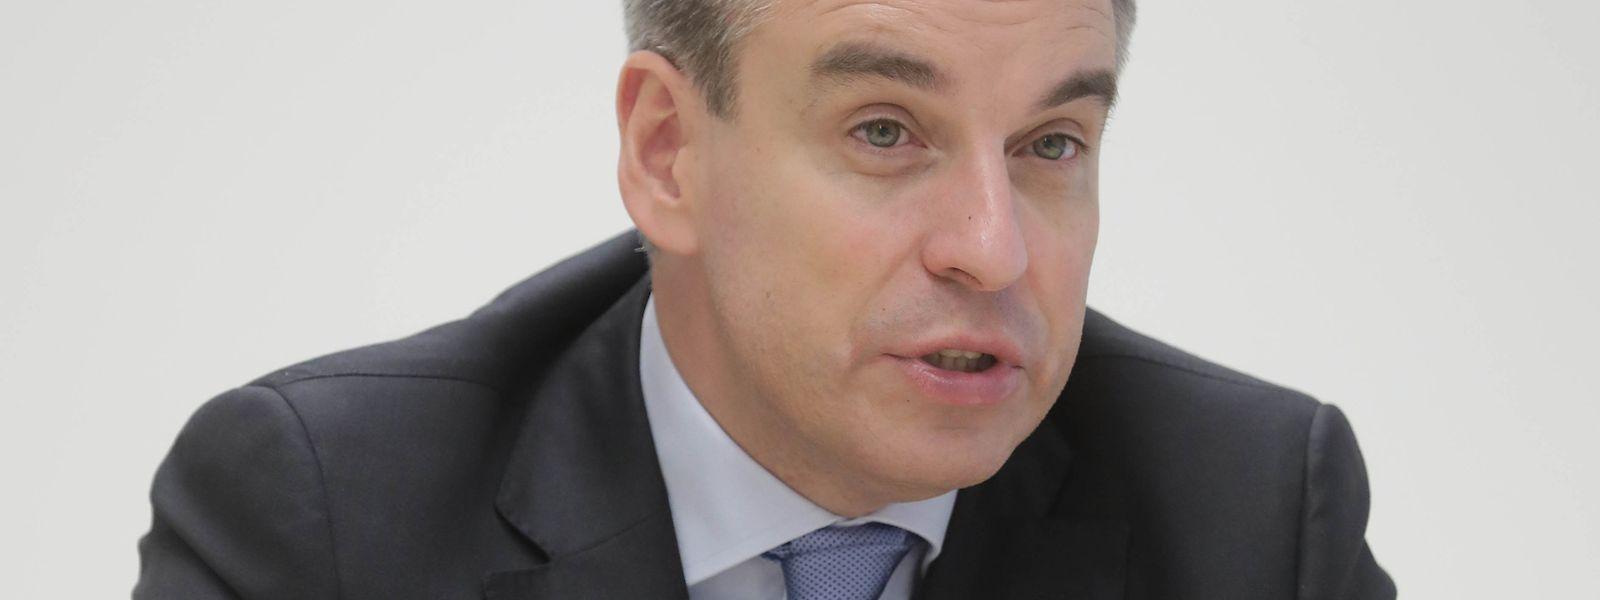 Bildungsminister Claude Meisch hält den Vorwurf der Homophobie für gerechtfertigt.